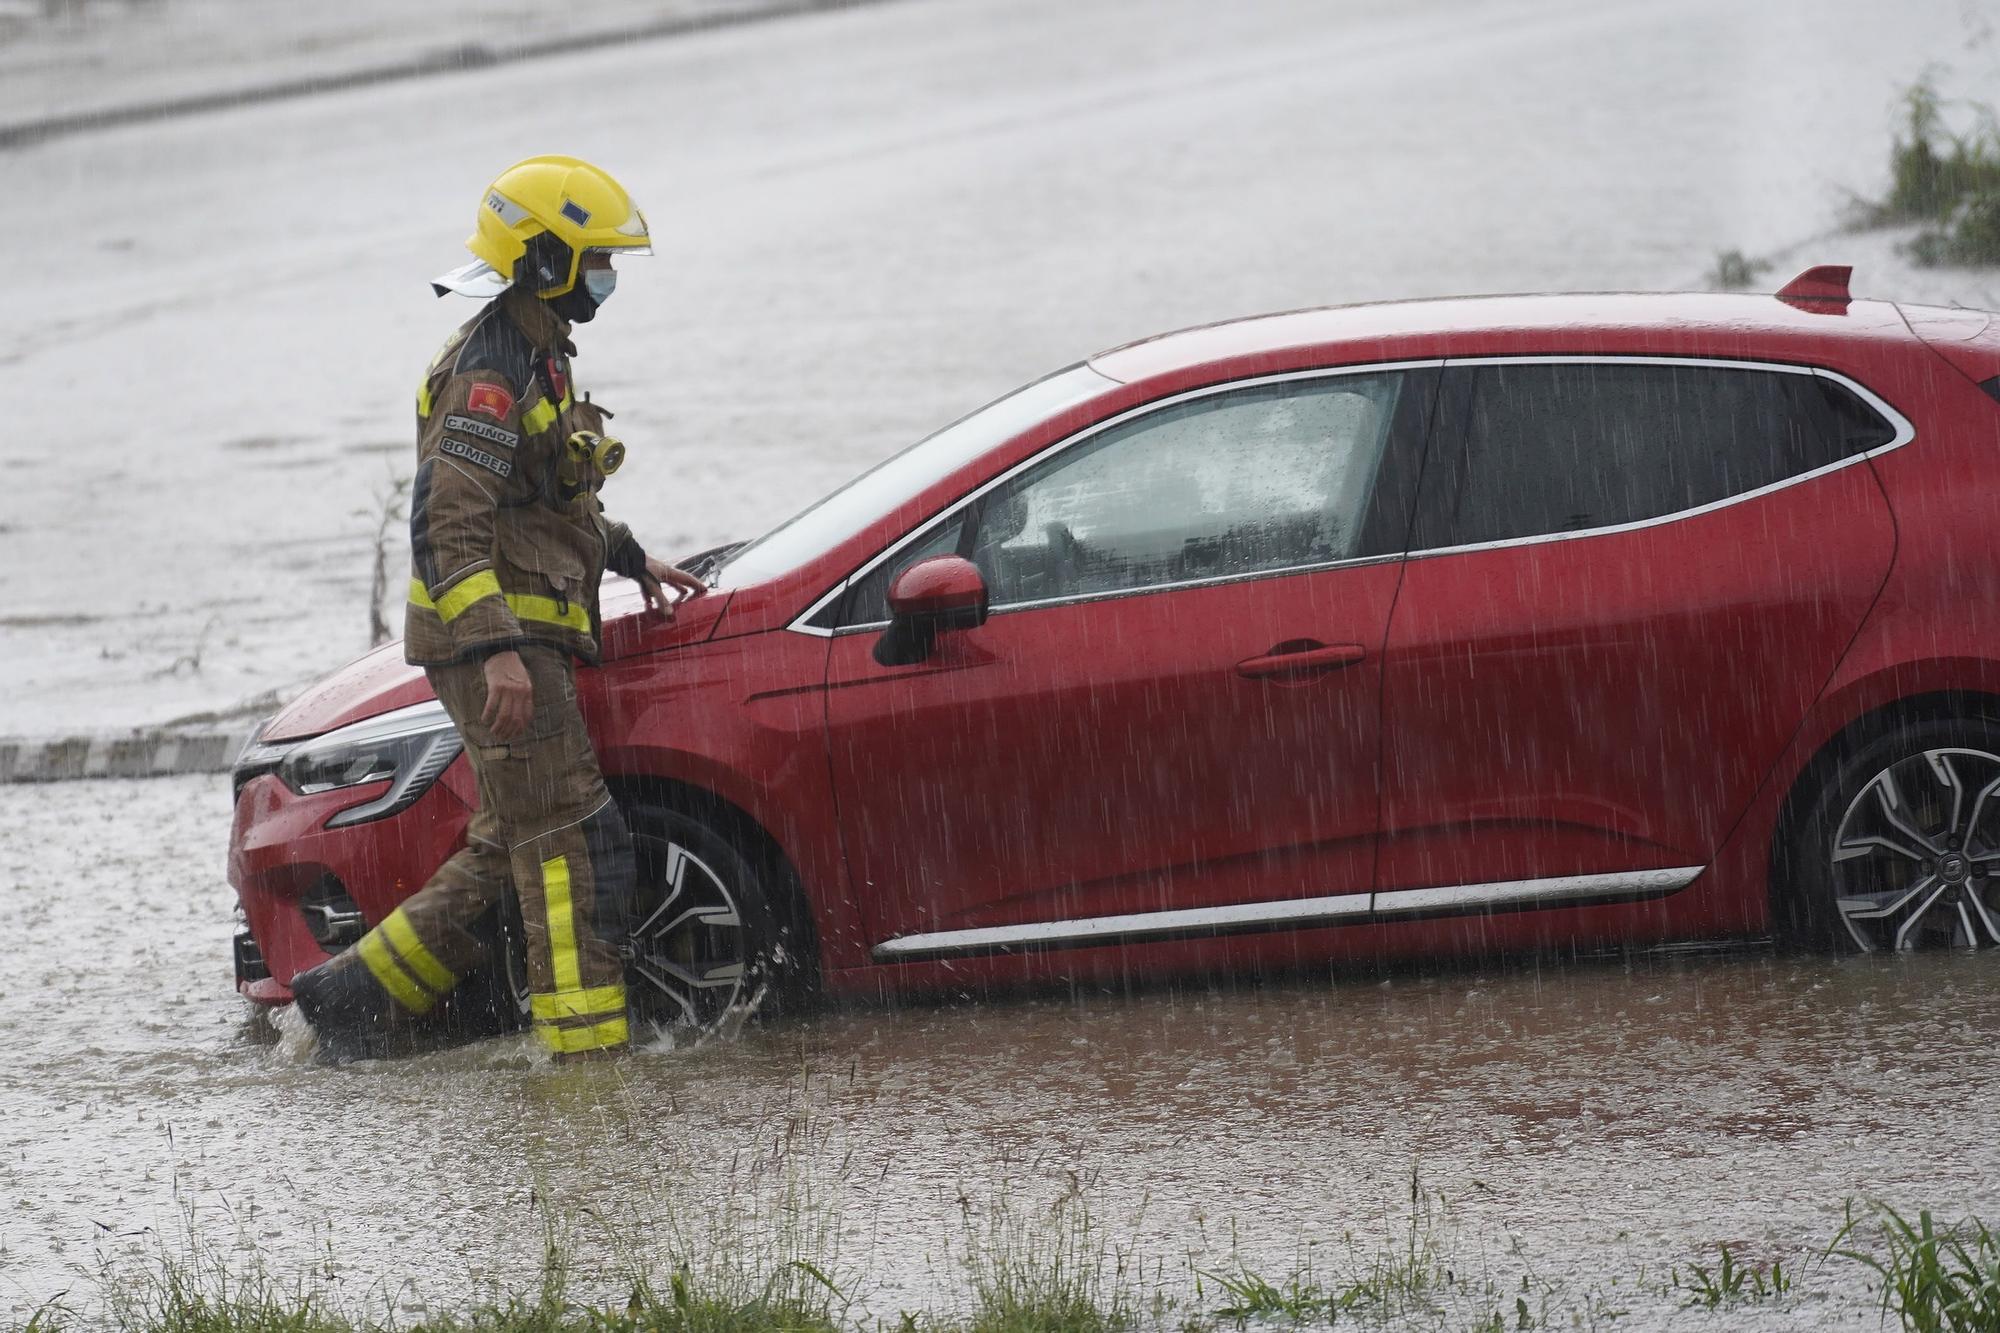 Tarda de pluges intenses que causen inundacions i destrosses a les comarques gironines